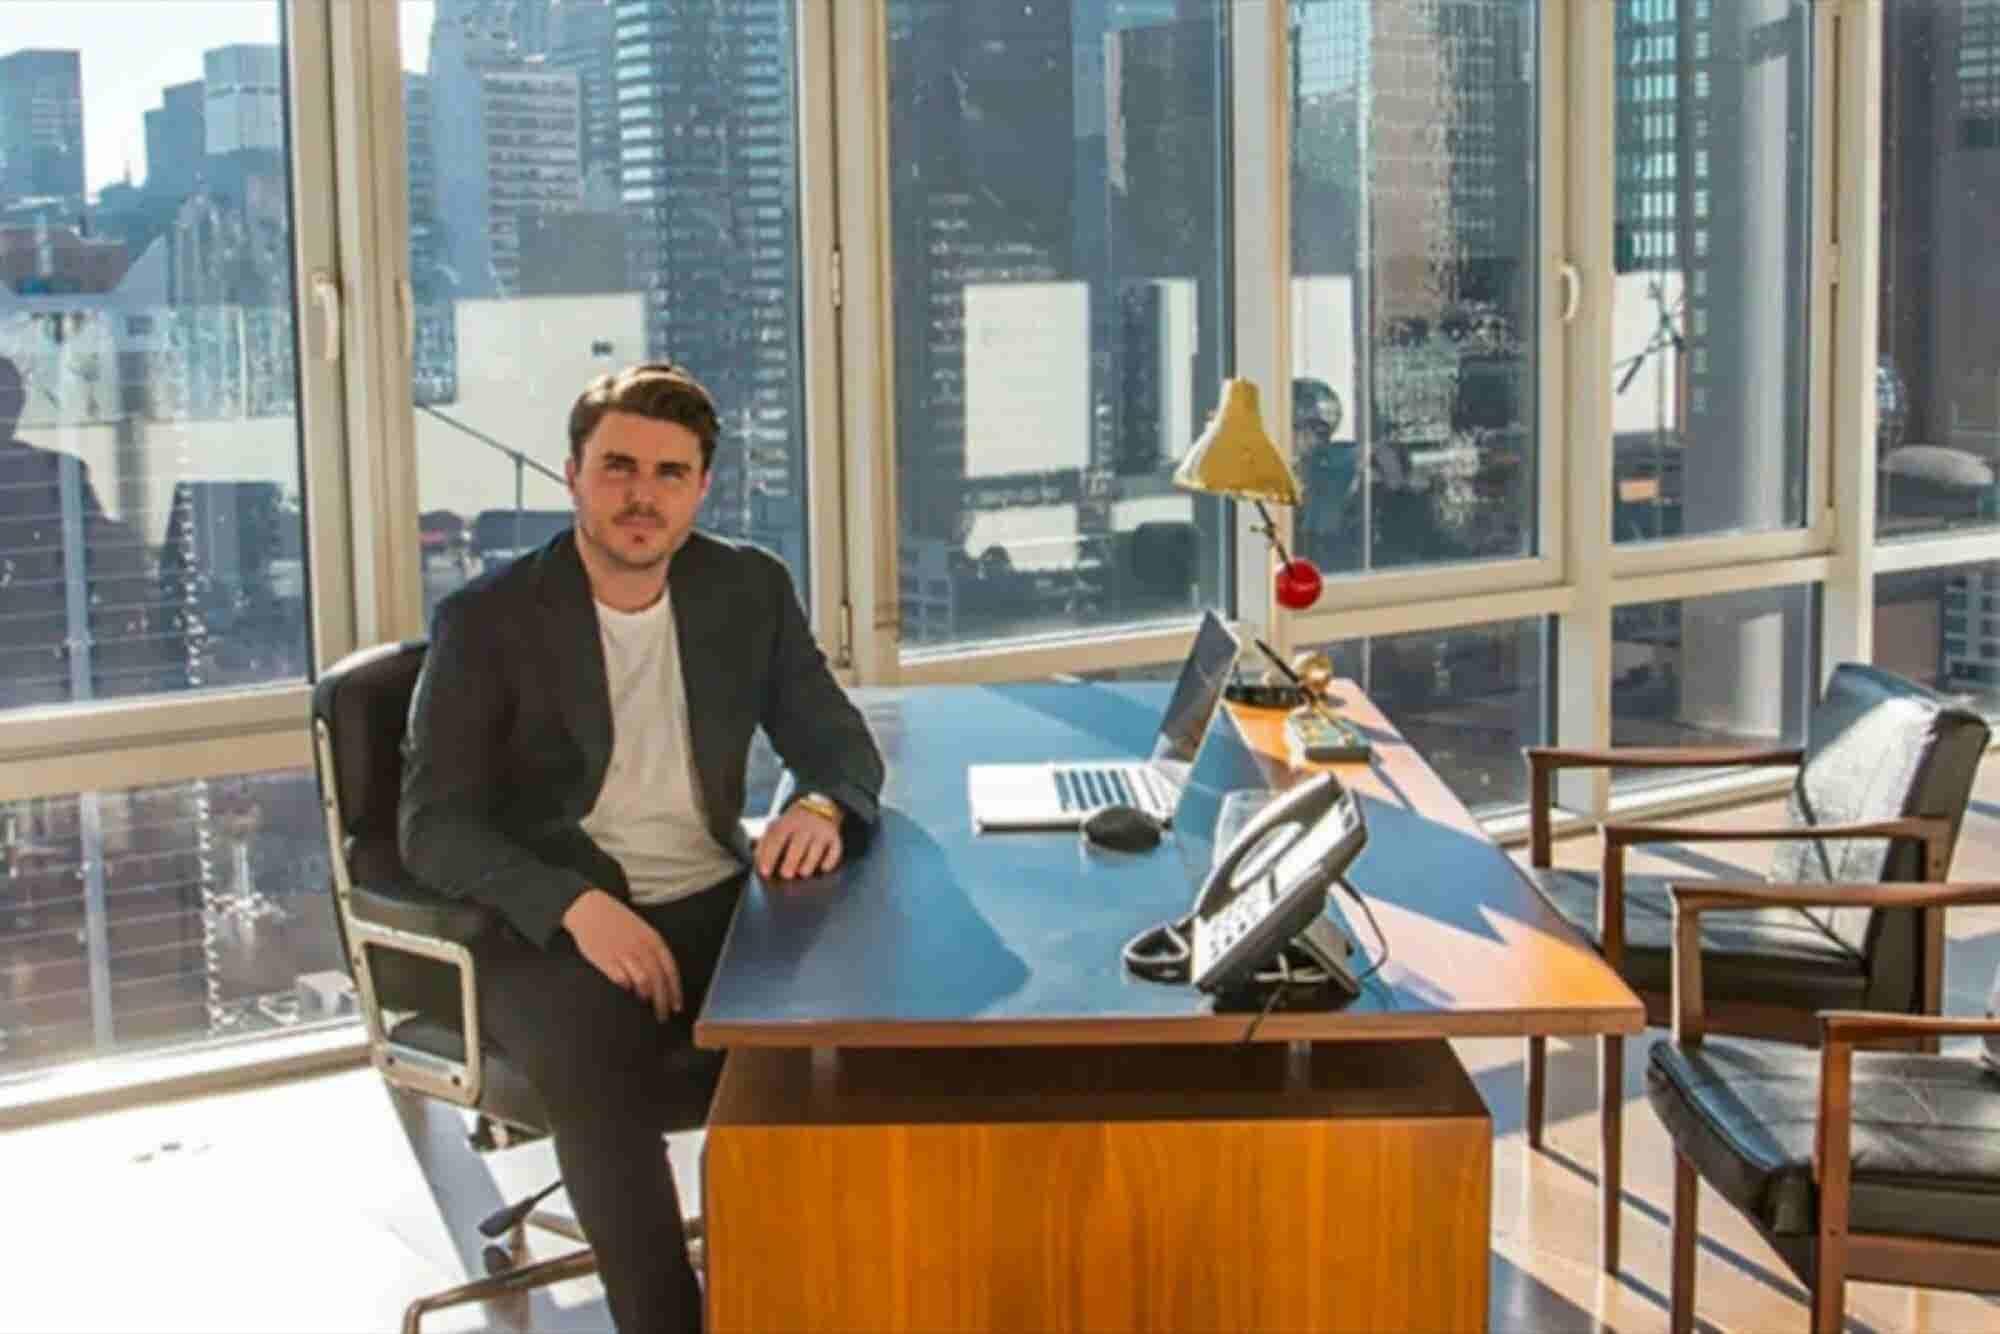 4 tips de un joven de 26 años que construyó un negocio multimillonario